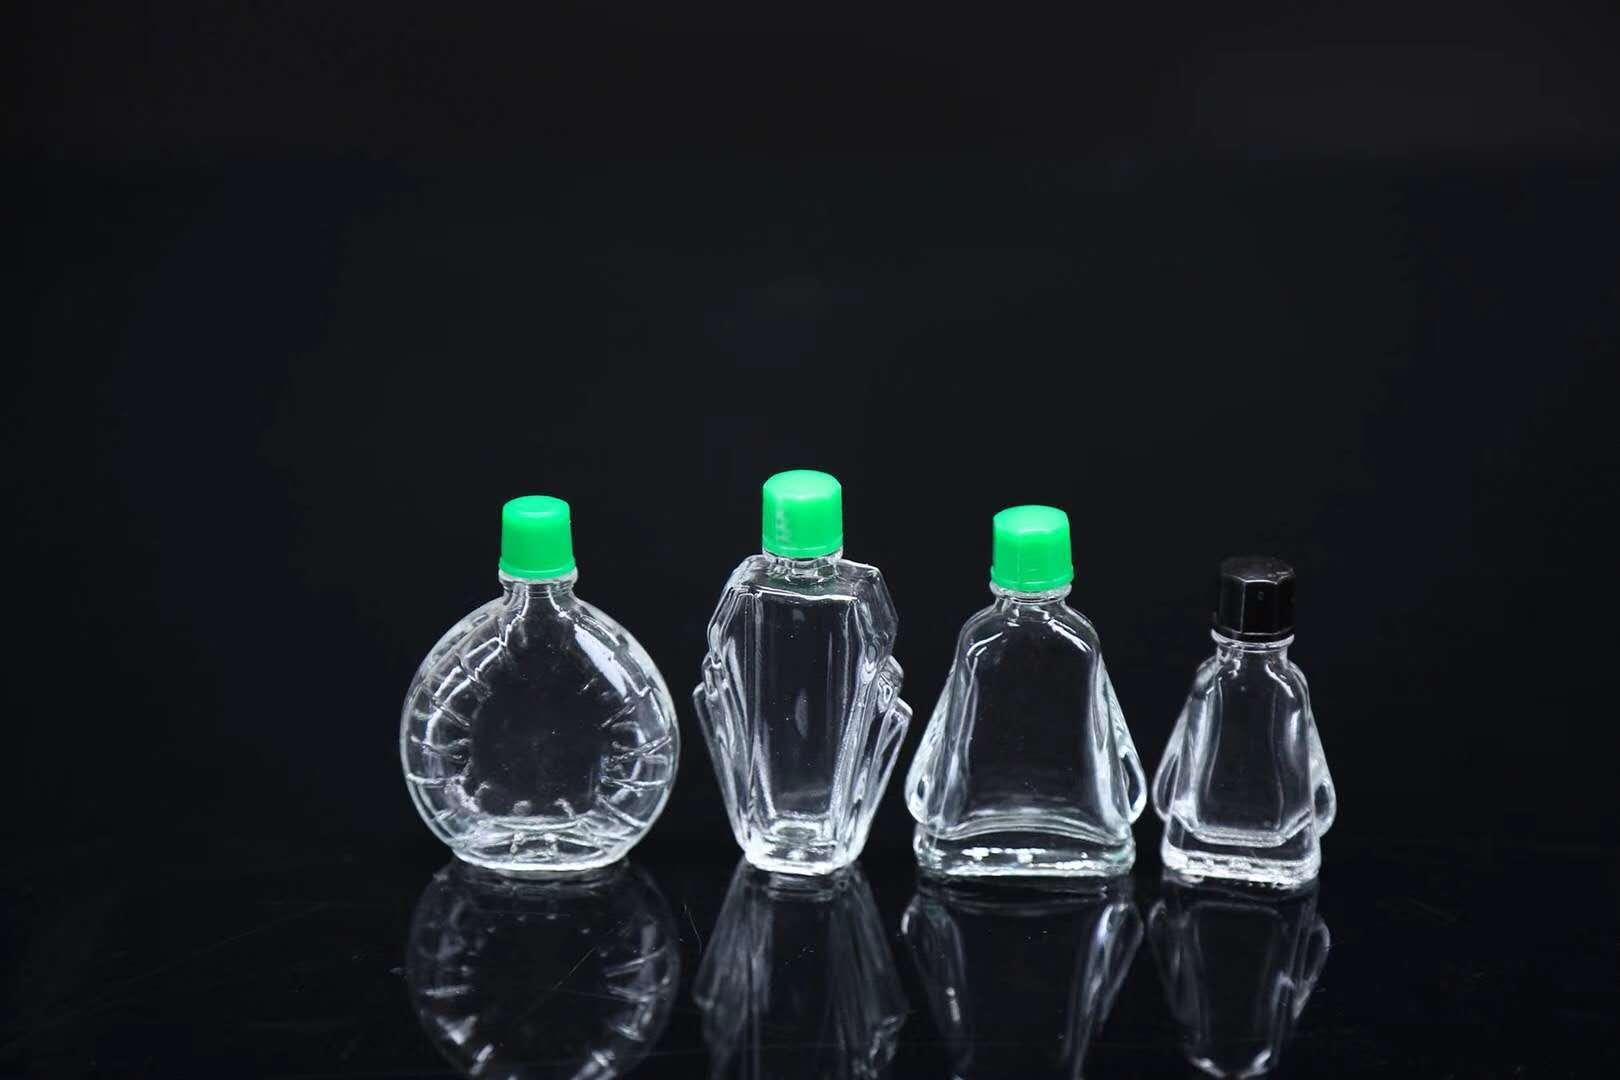 风油精瓶 5